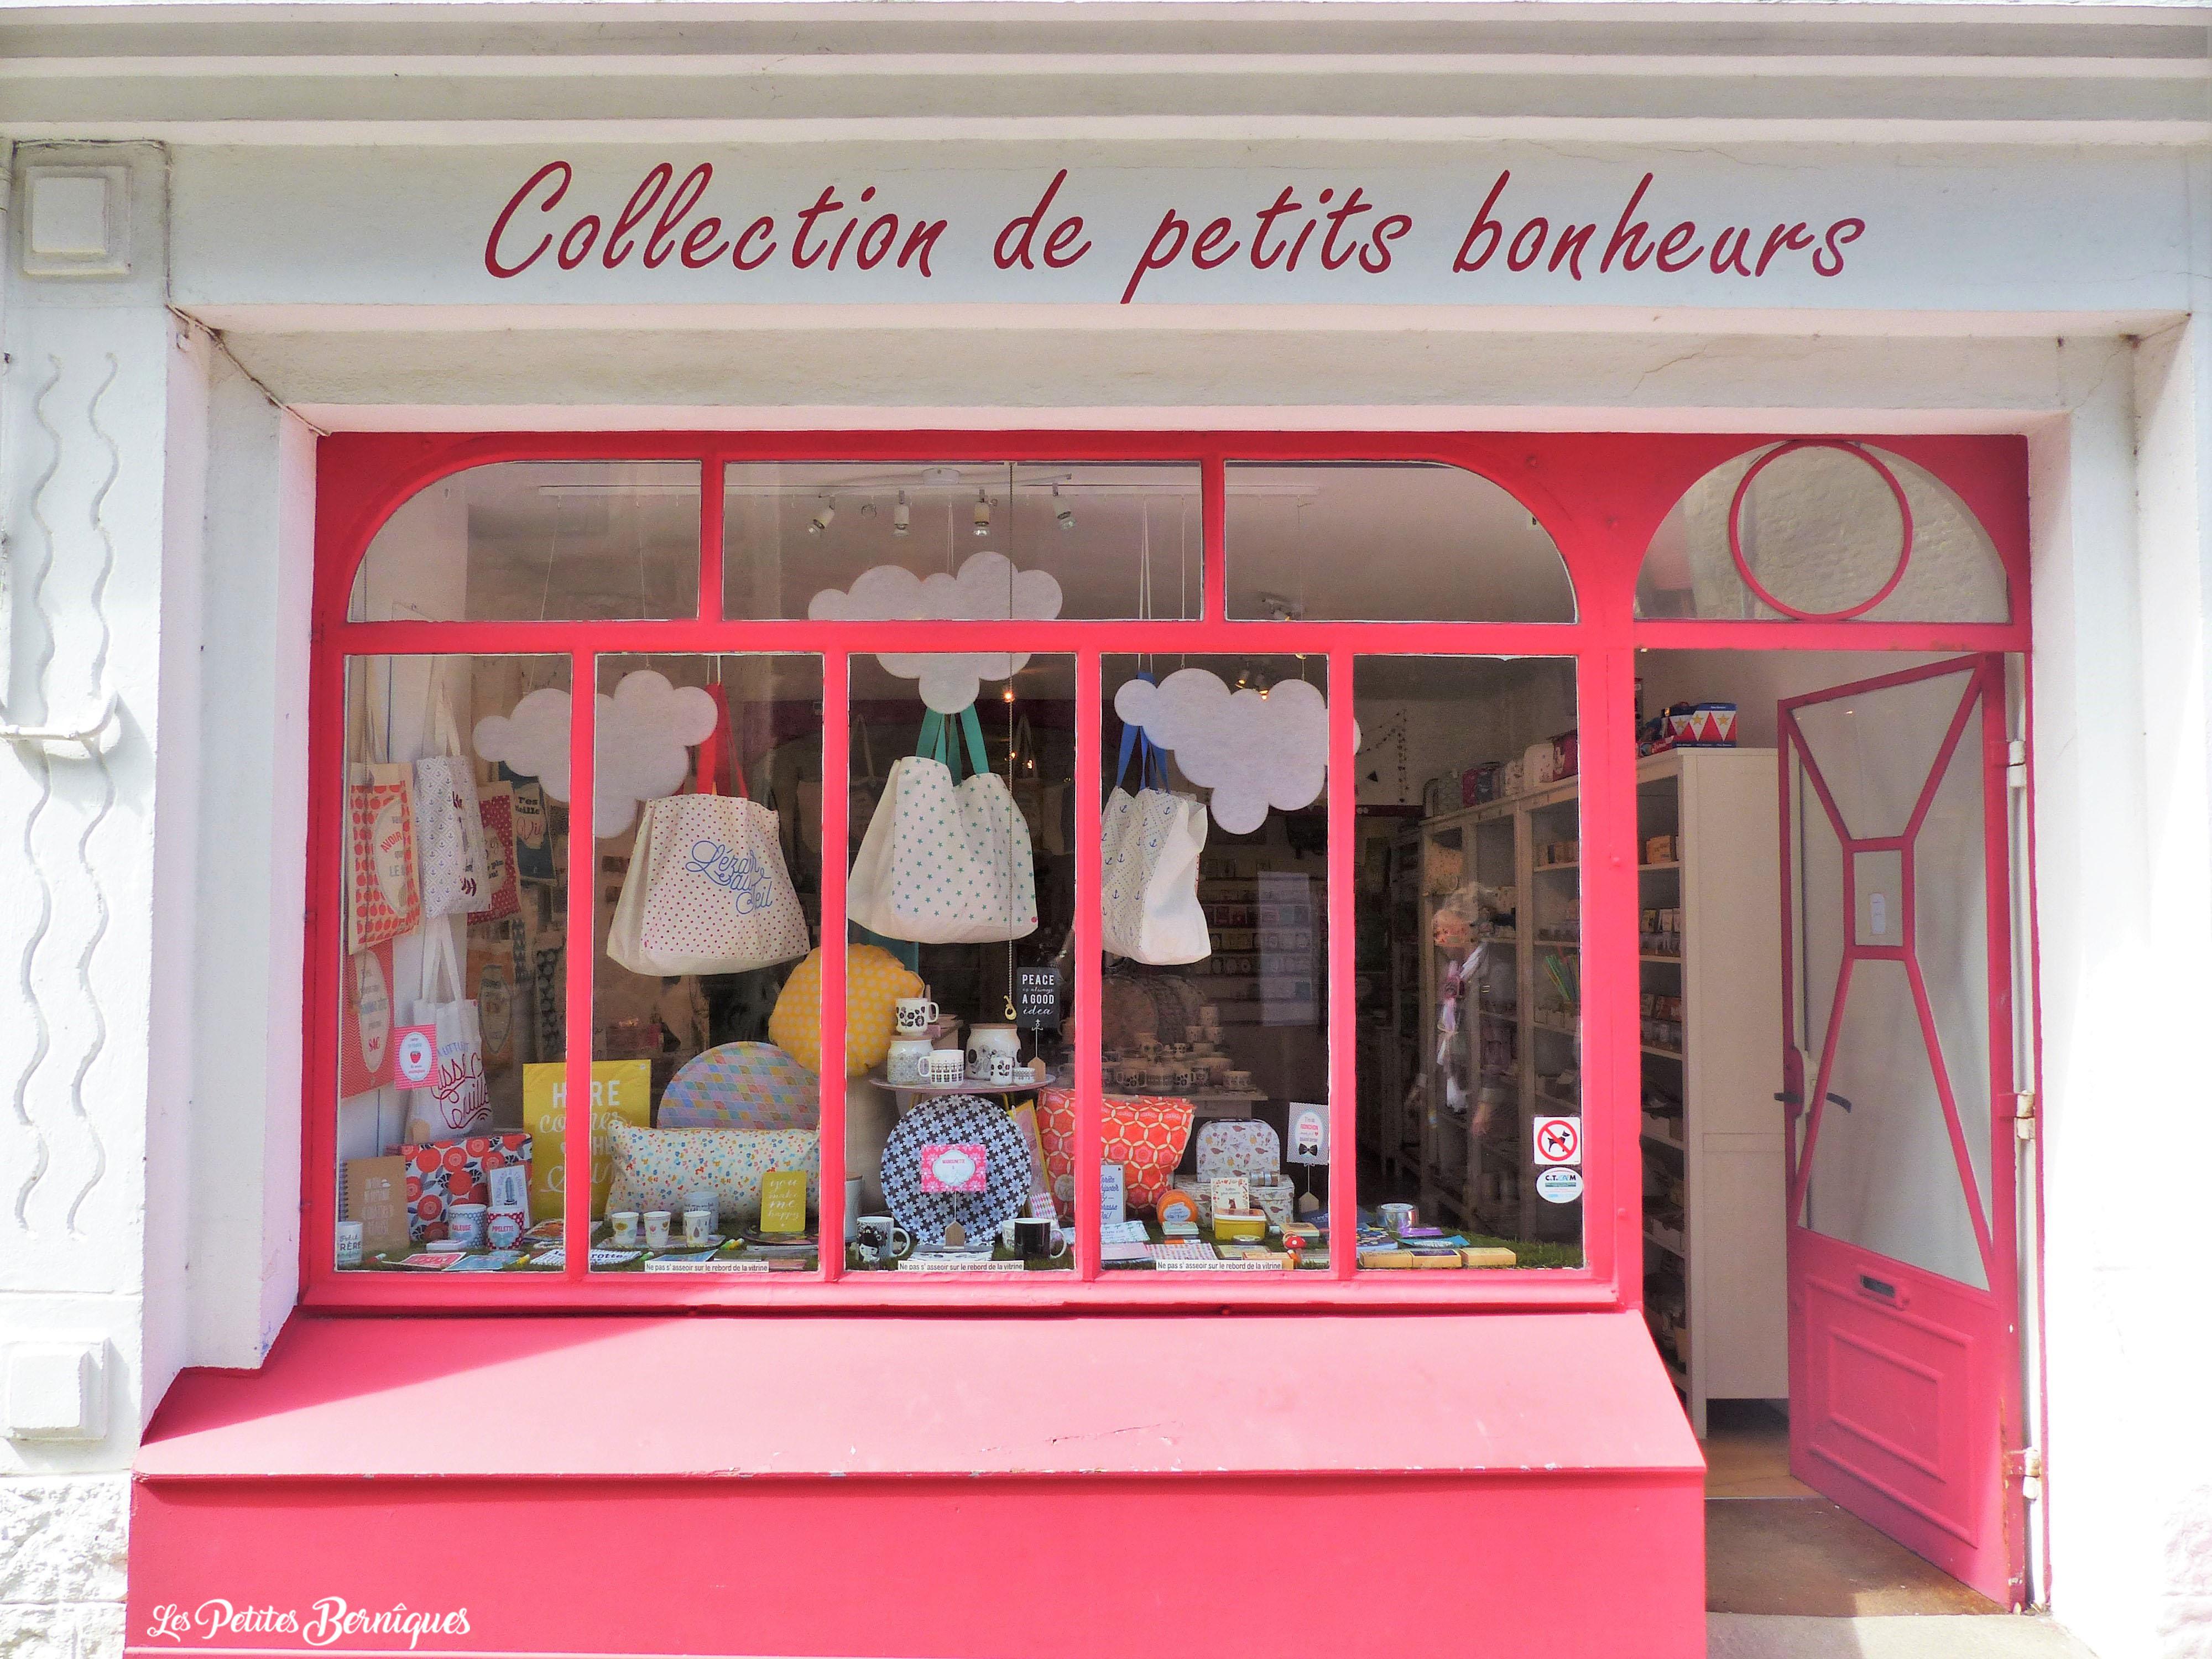 La Valise de Fany - Collection de petits bonheurs - Boutique Guerande